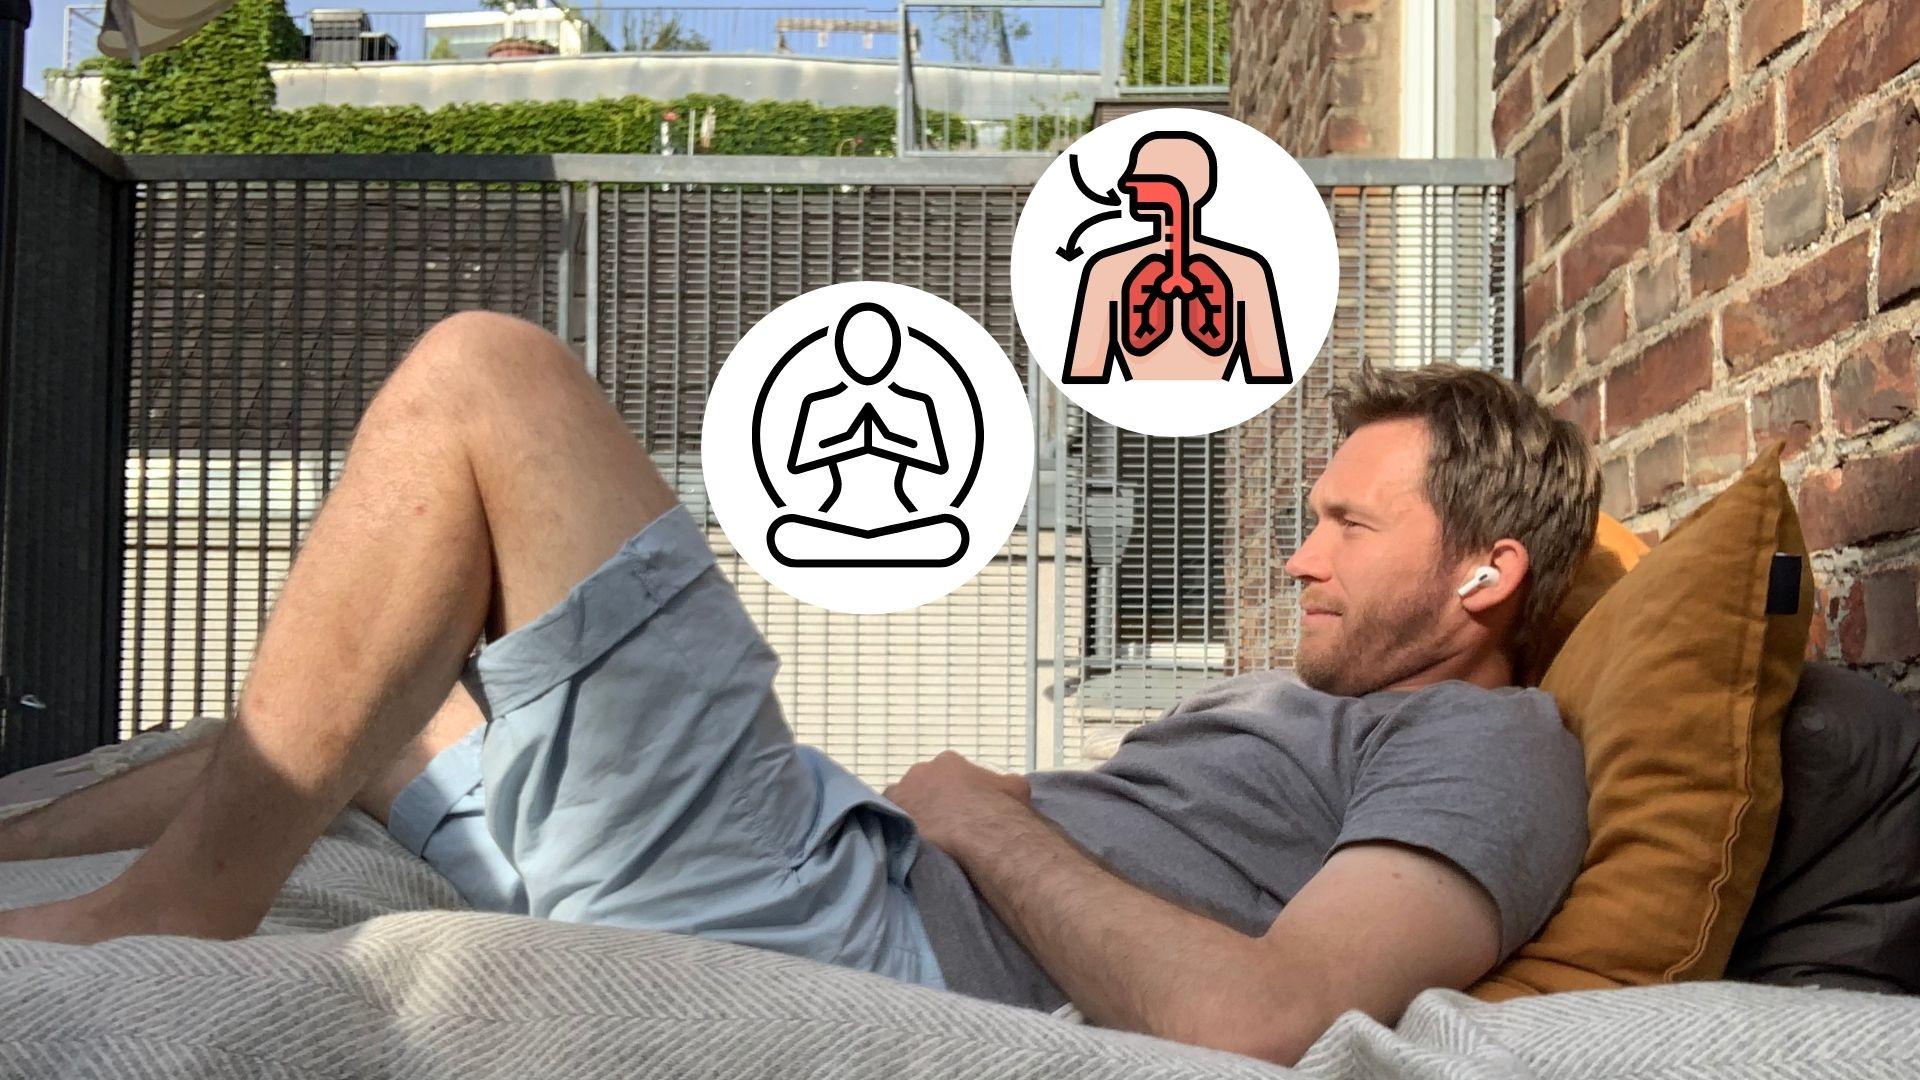 Mein neues Hobby: Atmen